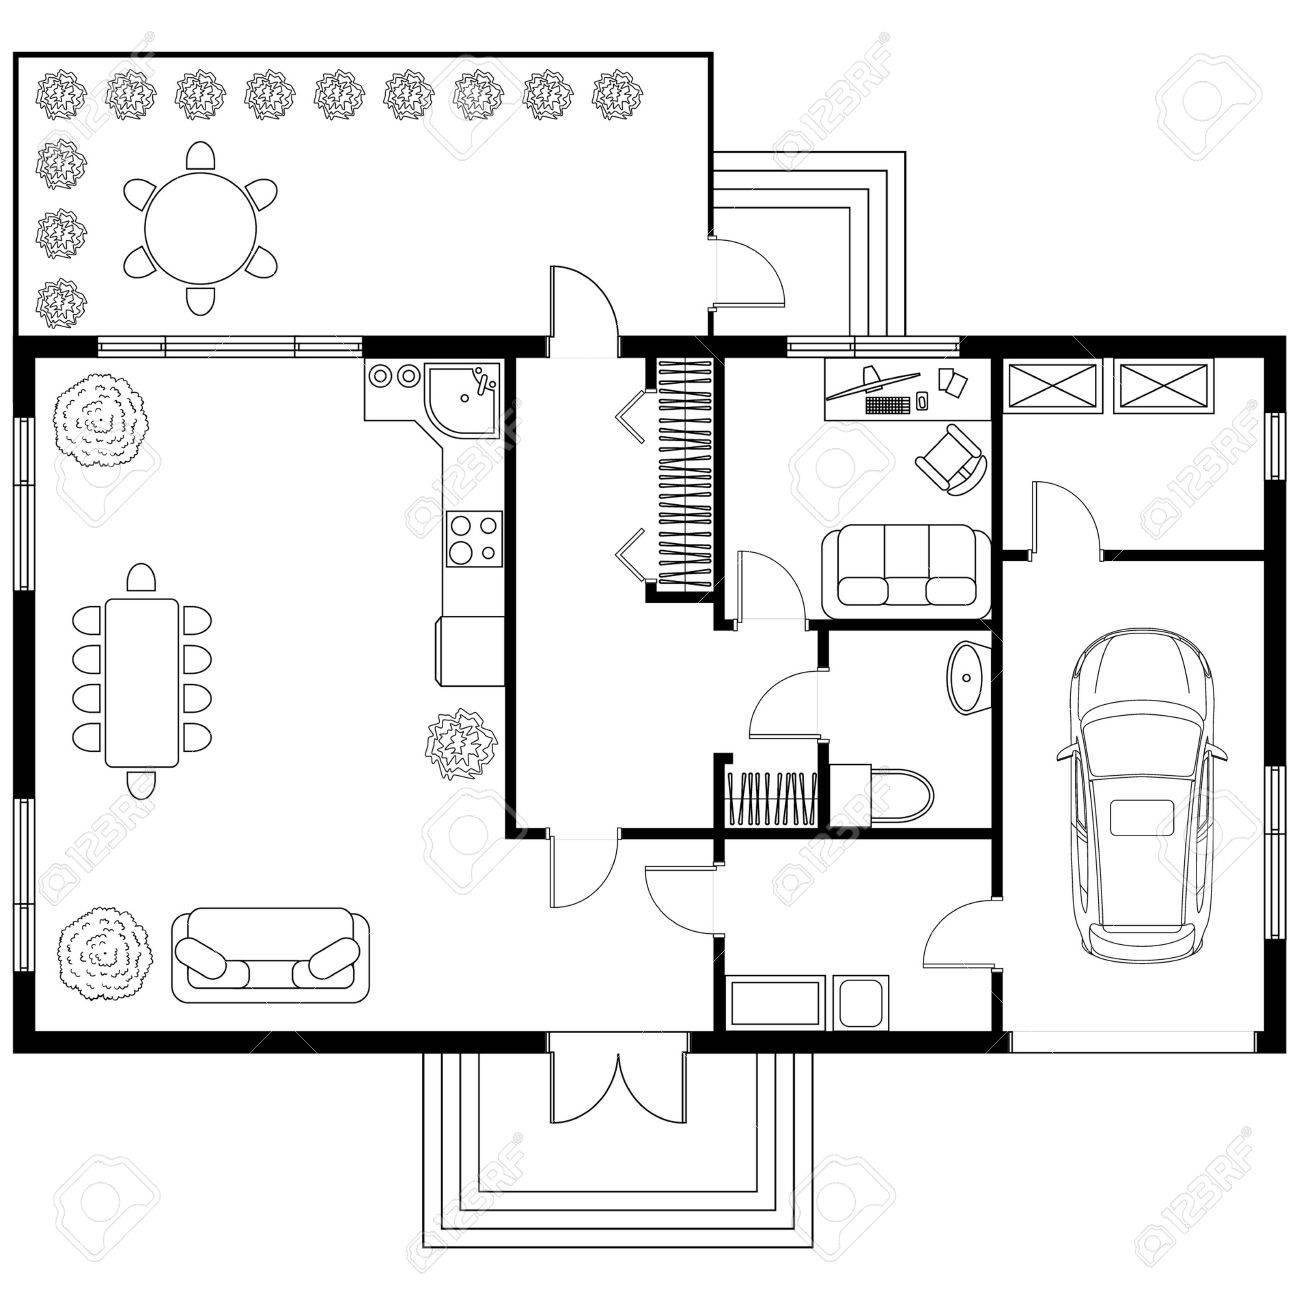 Progetto Architettonico In Bianco E Nero Di Una Casa Con La Macchina ...